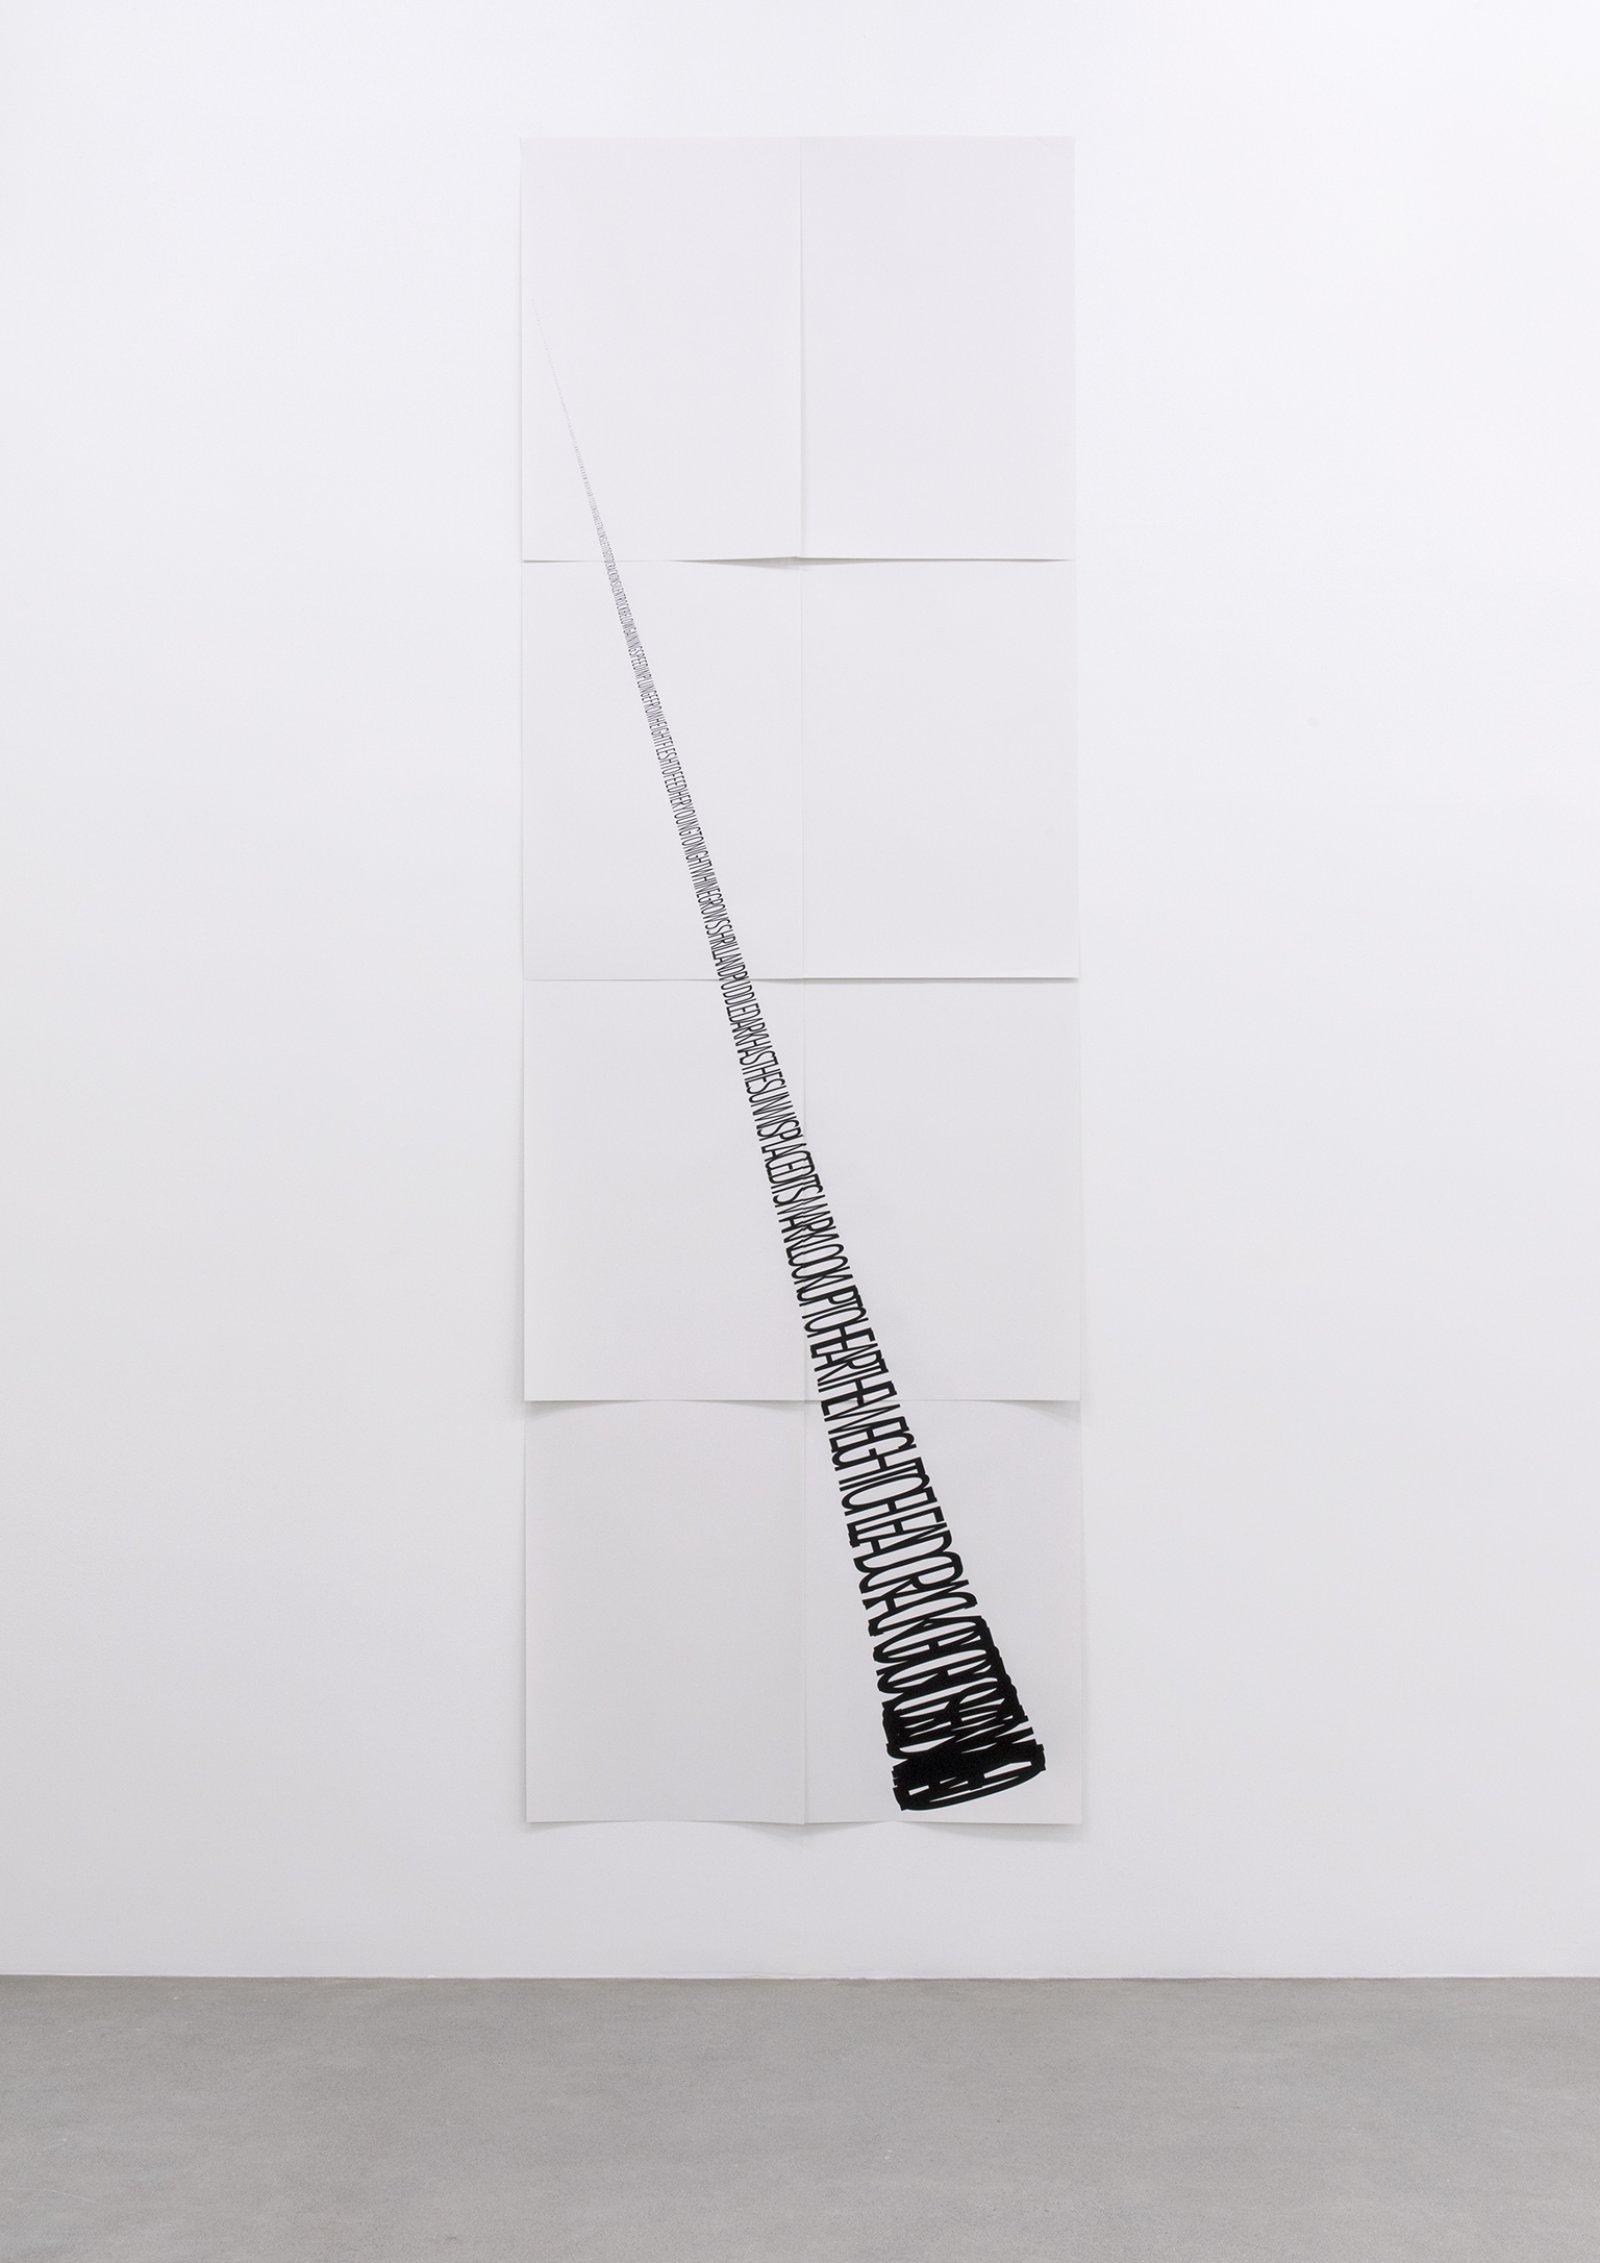 Janice Kerbel, Score, 'Hit', 2015, 8 silkscreen prints on paper, composition: 131 x 43 in. (131 x 110 cm), each sheet: 22 x 33 in. (56 x 84 cm)   by Janice Kerbel